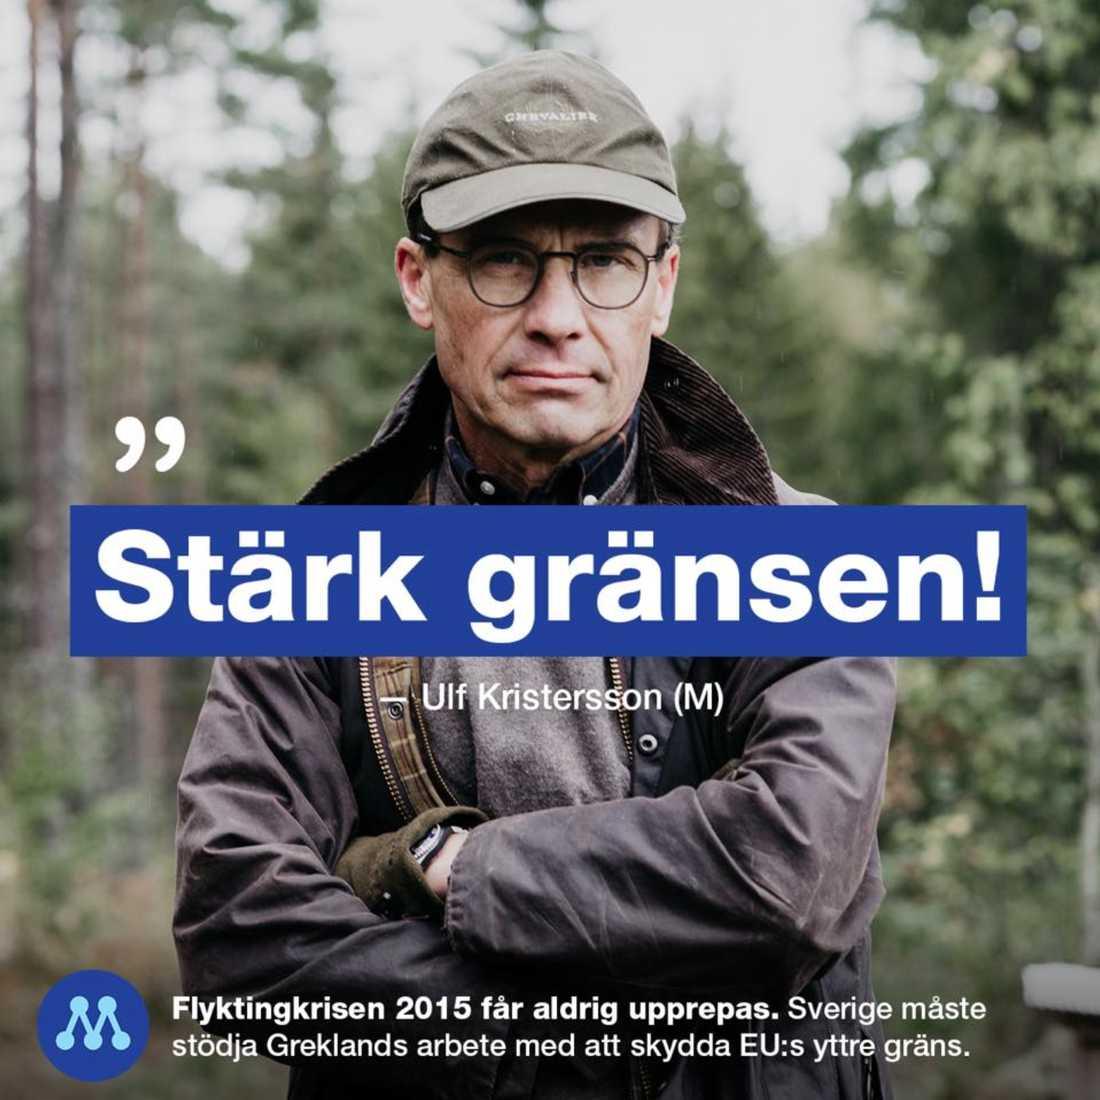 Bilden på Ulf Kristersson lades upp på Moderaternas Facebooksida.